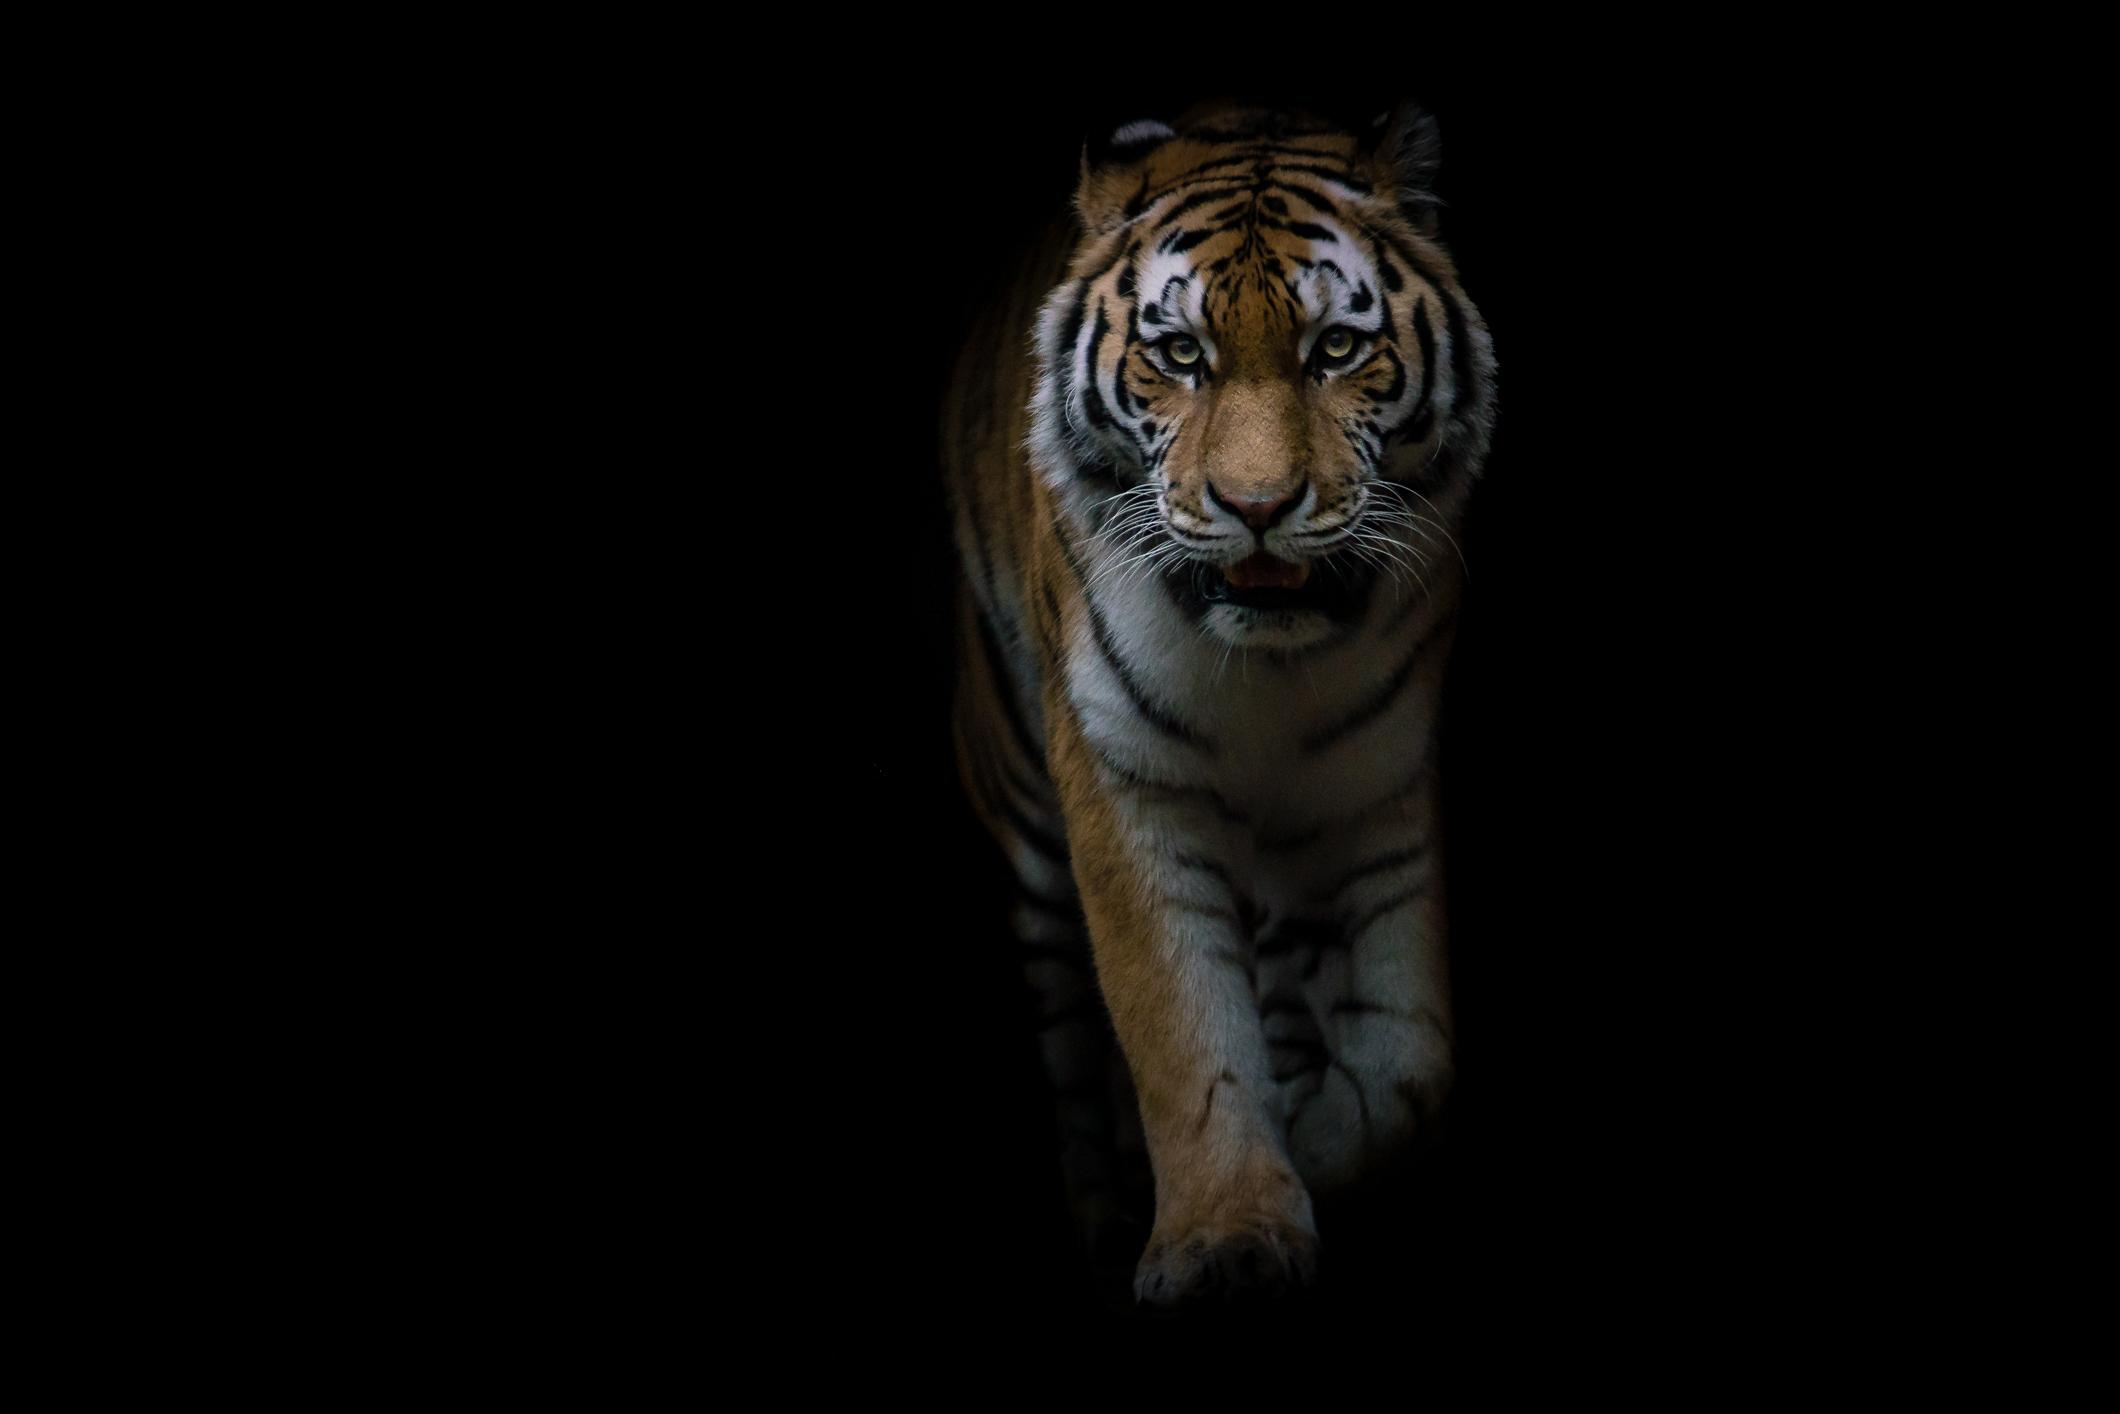 Tijger, dier, dierentuin, dierenrijk, Amersfoort